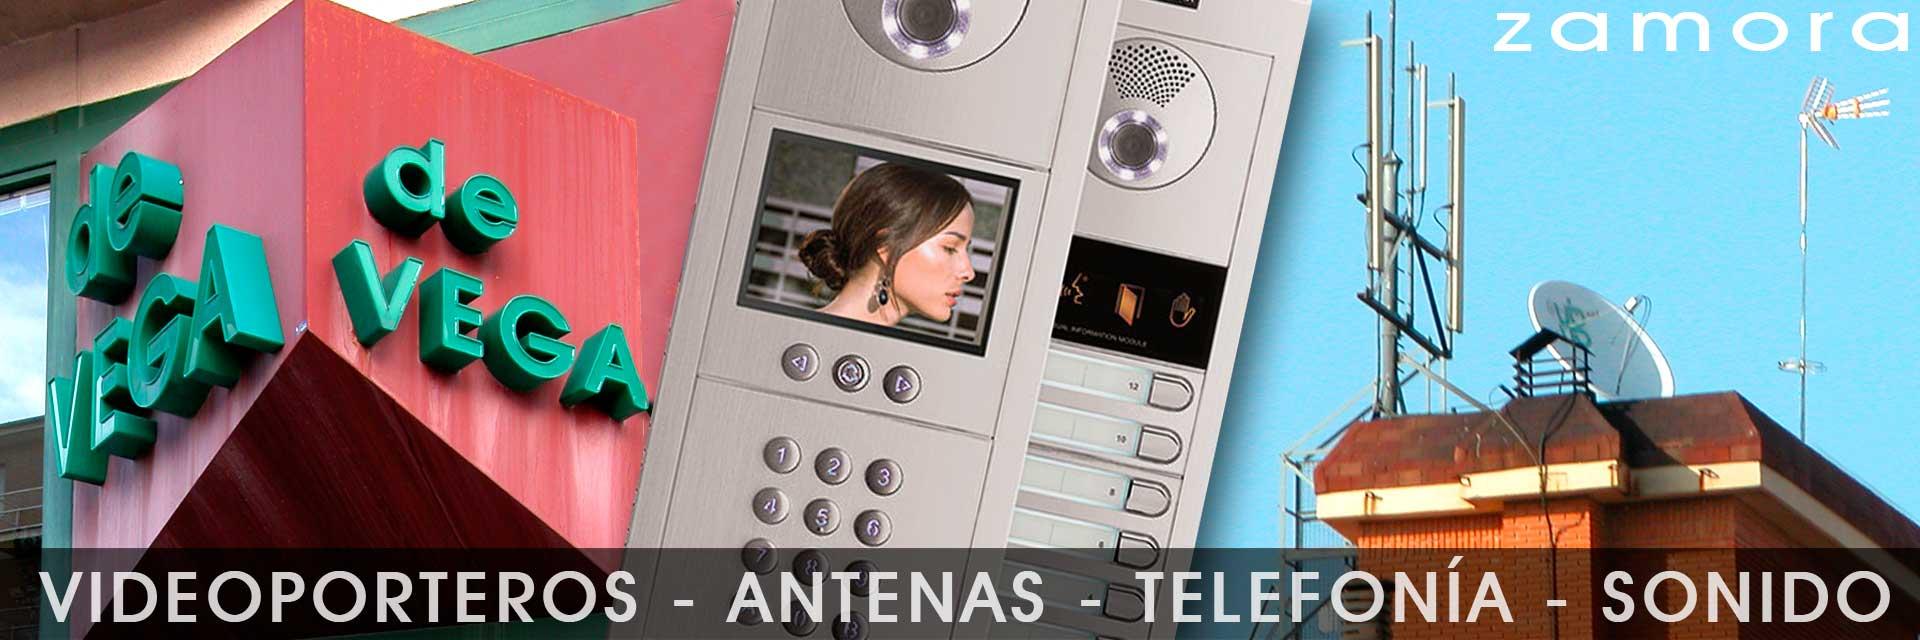 Antenas, videoporteros, telefonía y sonido. Zamora.